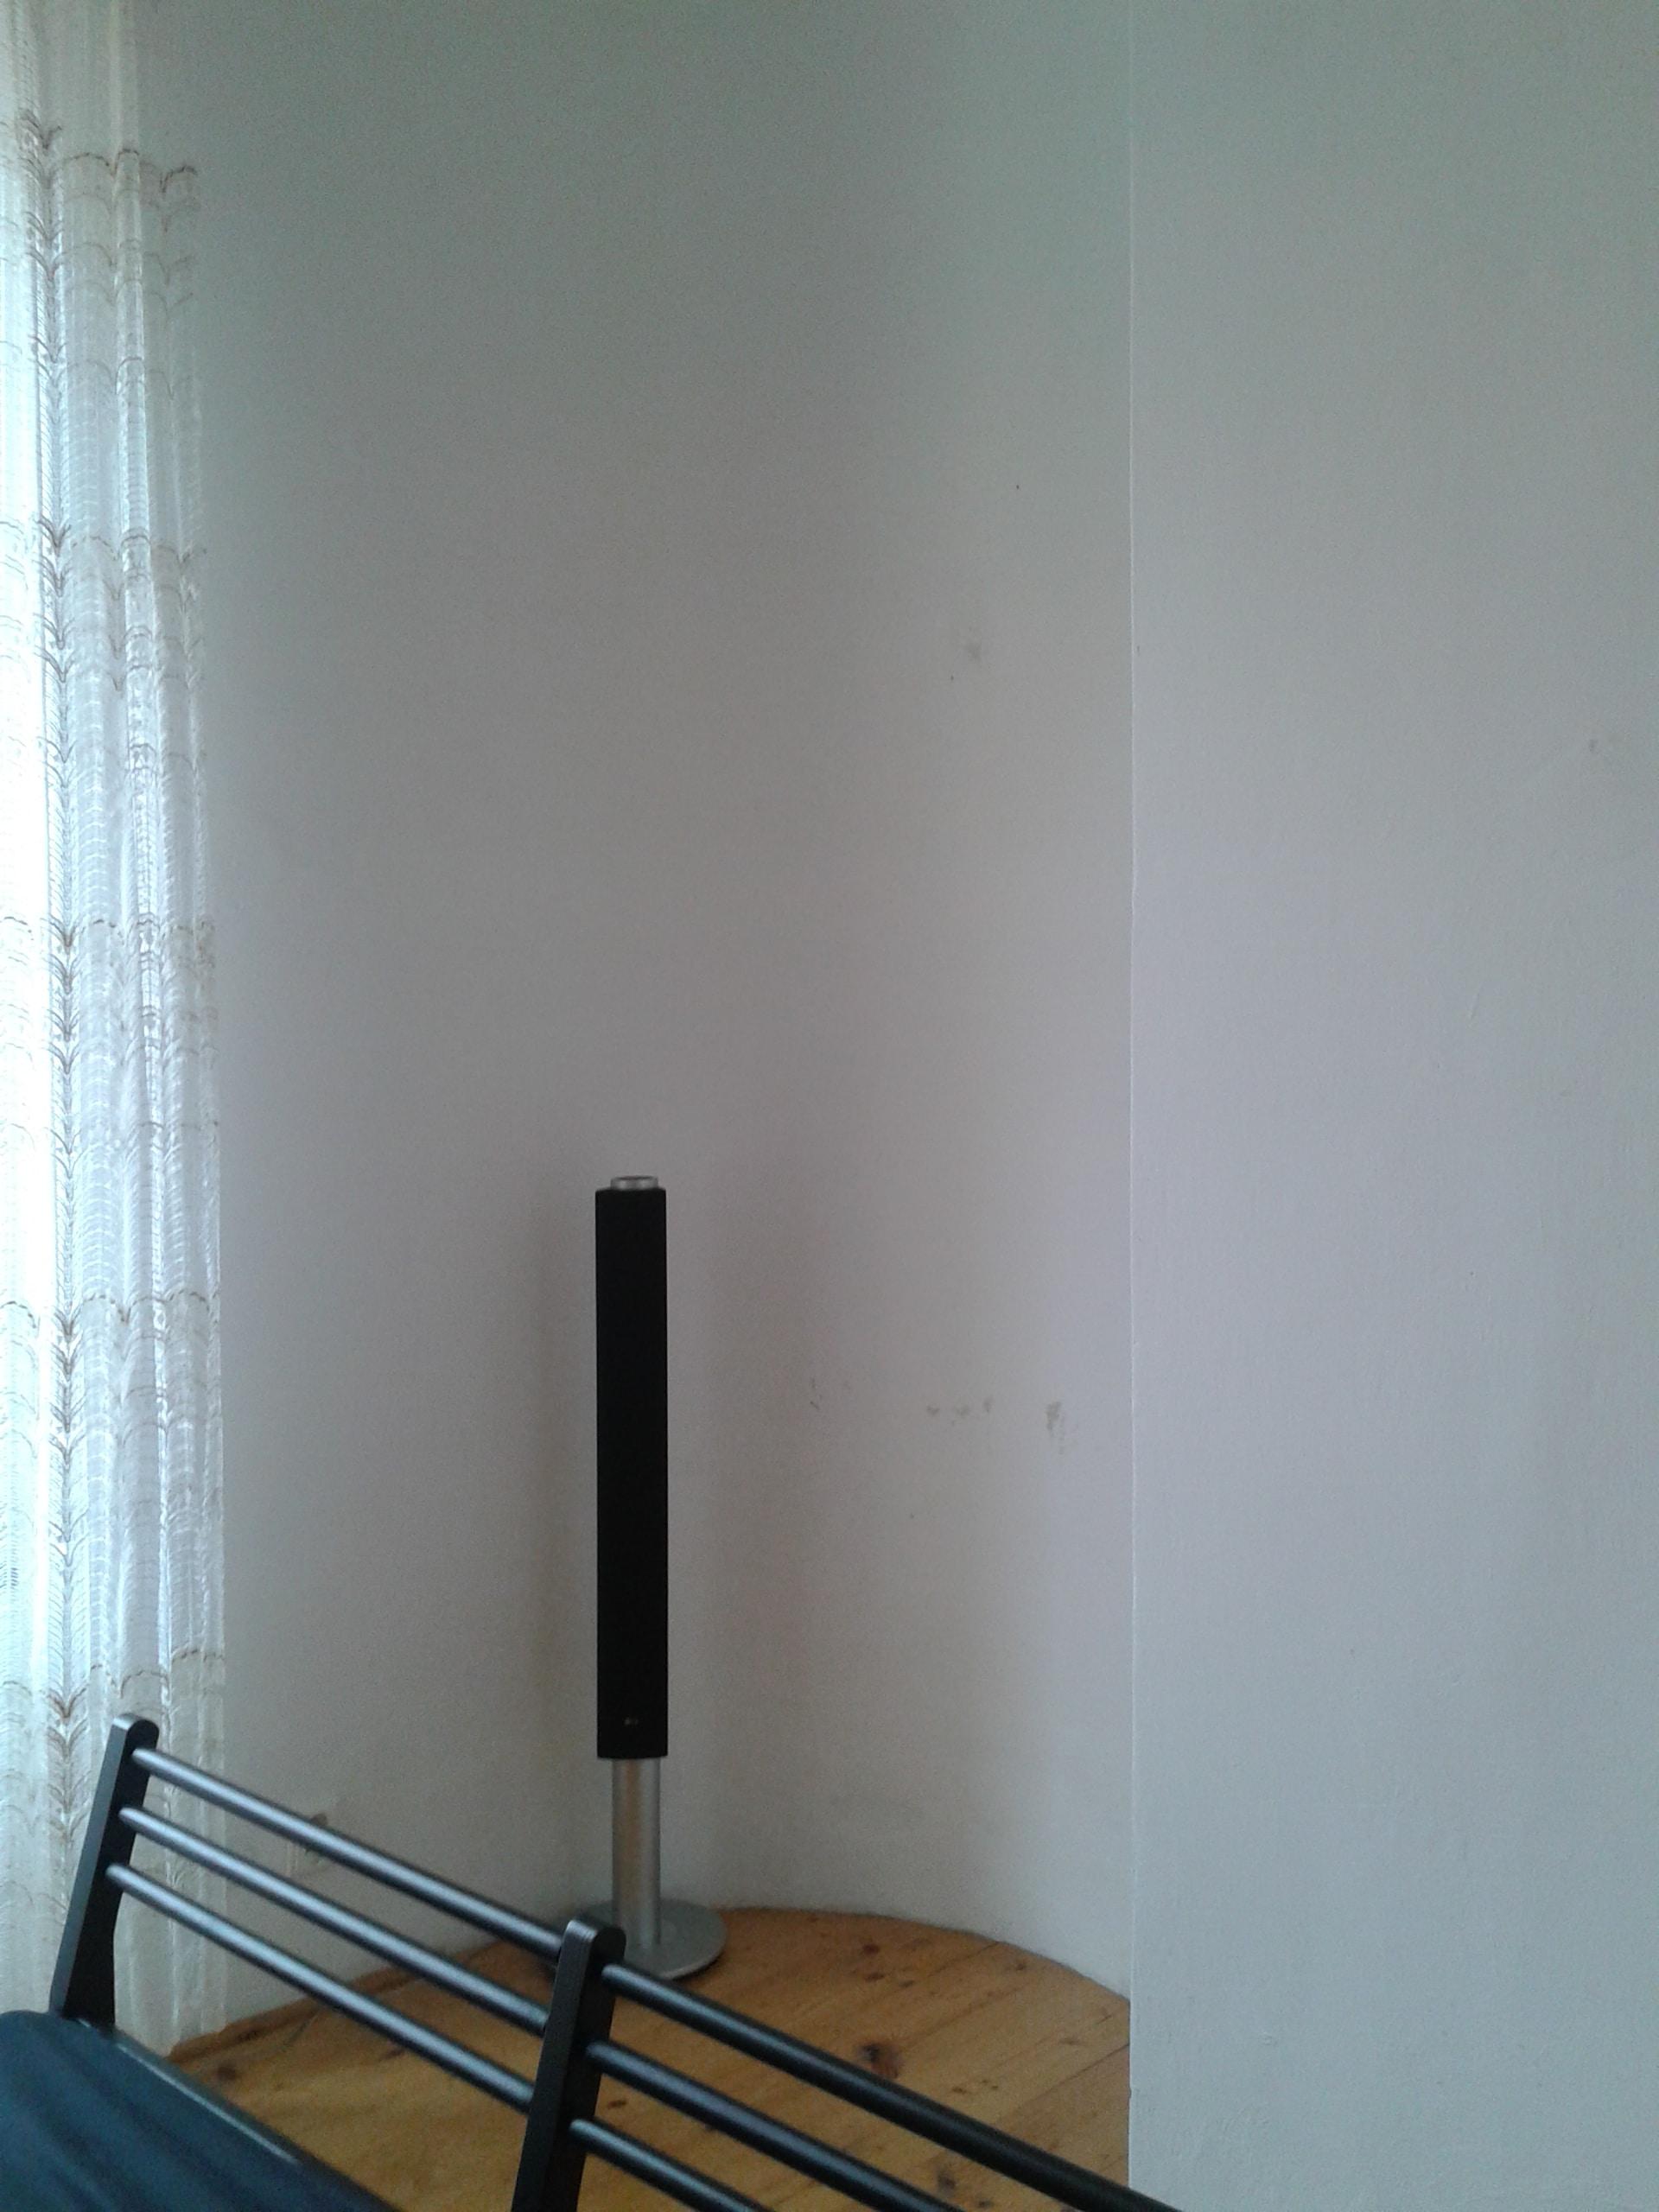 למכירה דירת 3+kk יפהפיה בפראג 1 העיר החדשה (44)